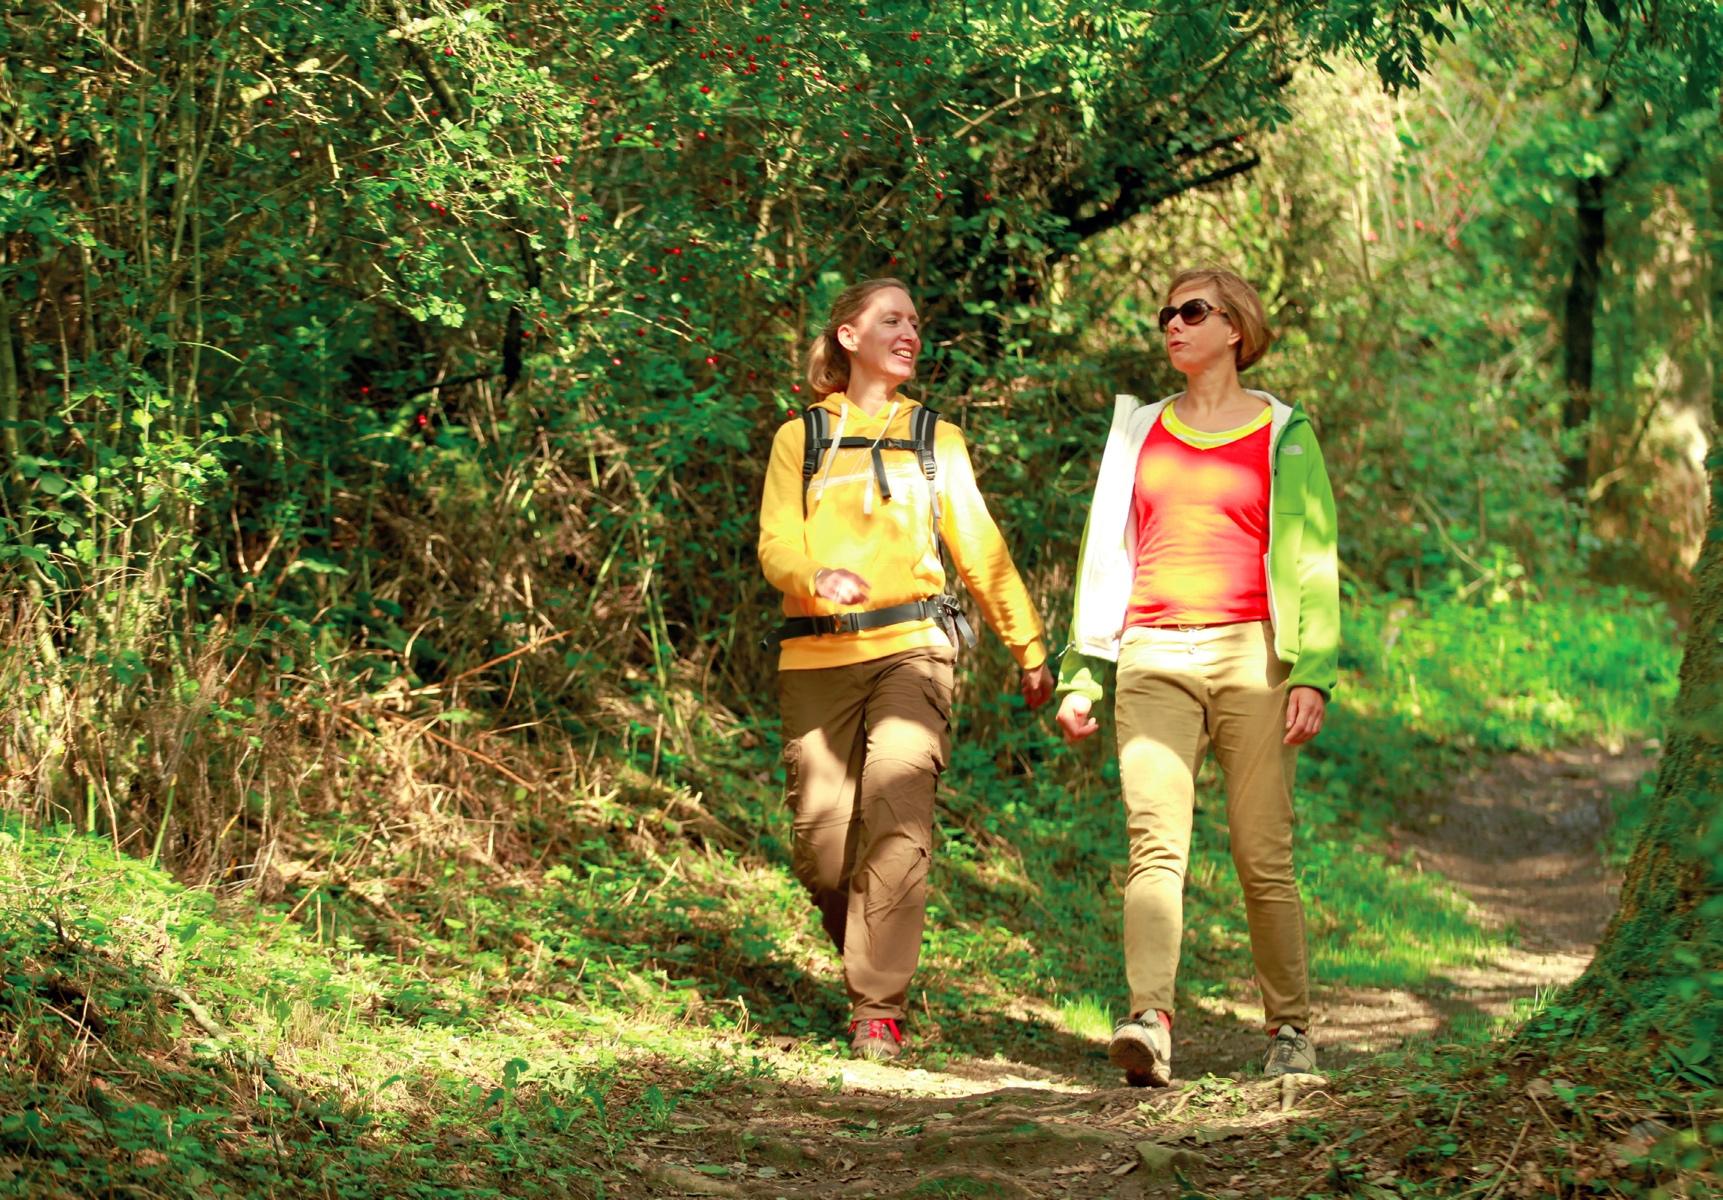 Claudia und Kristina sind beste Freundinnen. Beide vereinbaren Beruf und Familie weil sie sich Auszeiten beim Wandern nehmen © Michael Sänger